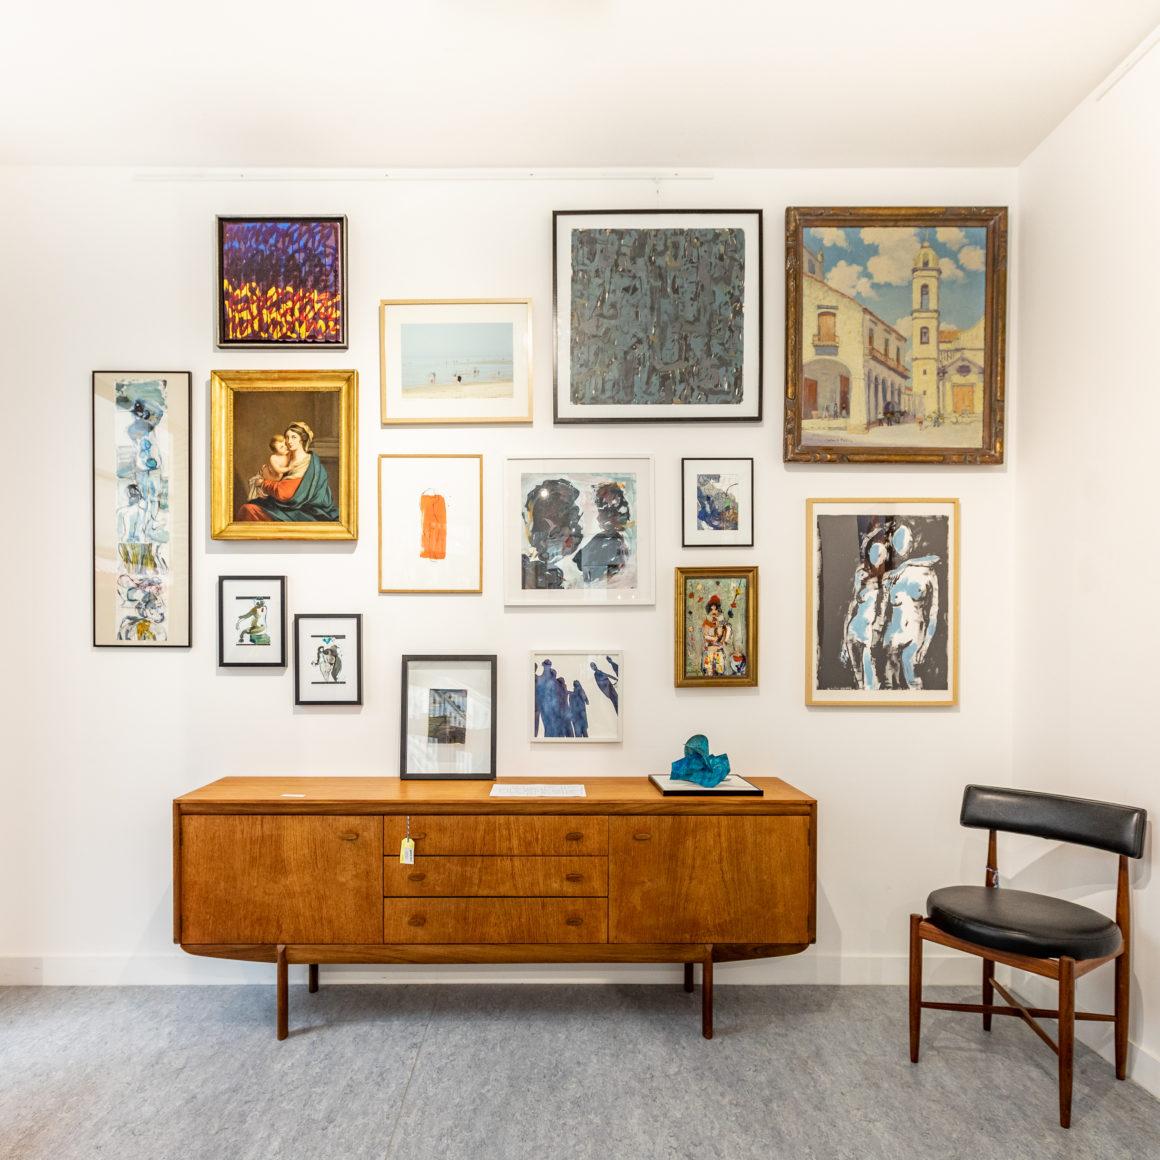 Vue d'un mur de la galerie où se côtoient oeuvres chinées et contemporaines.